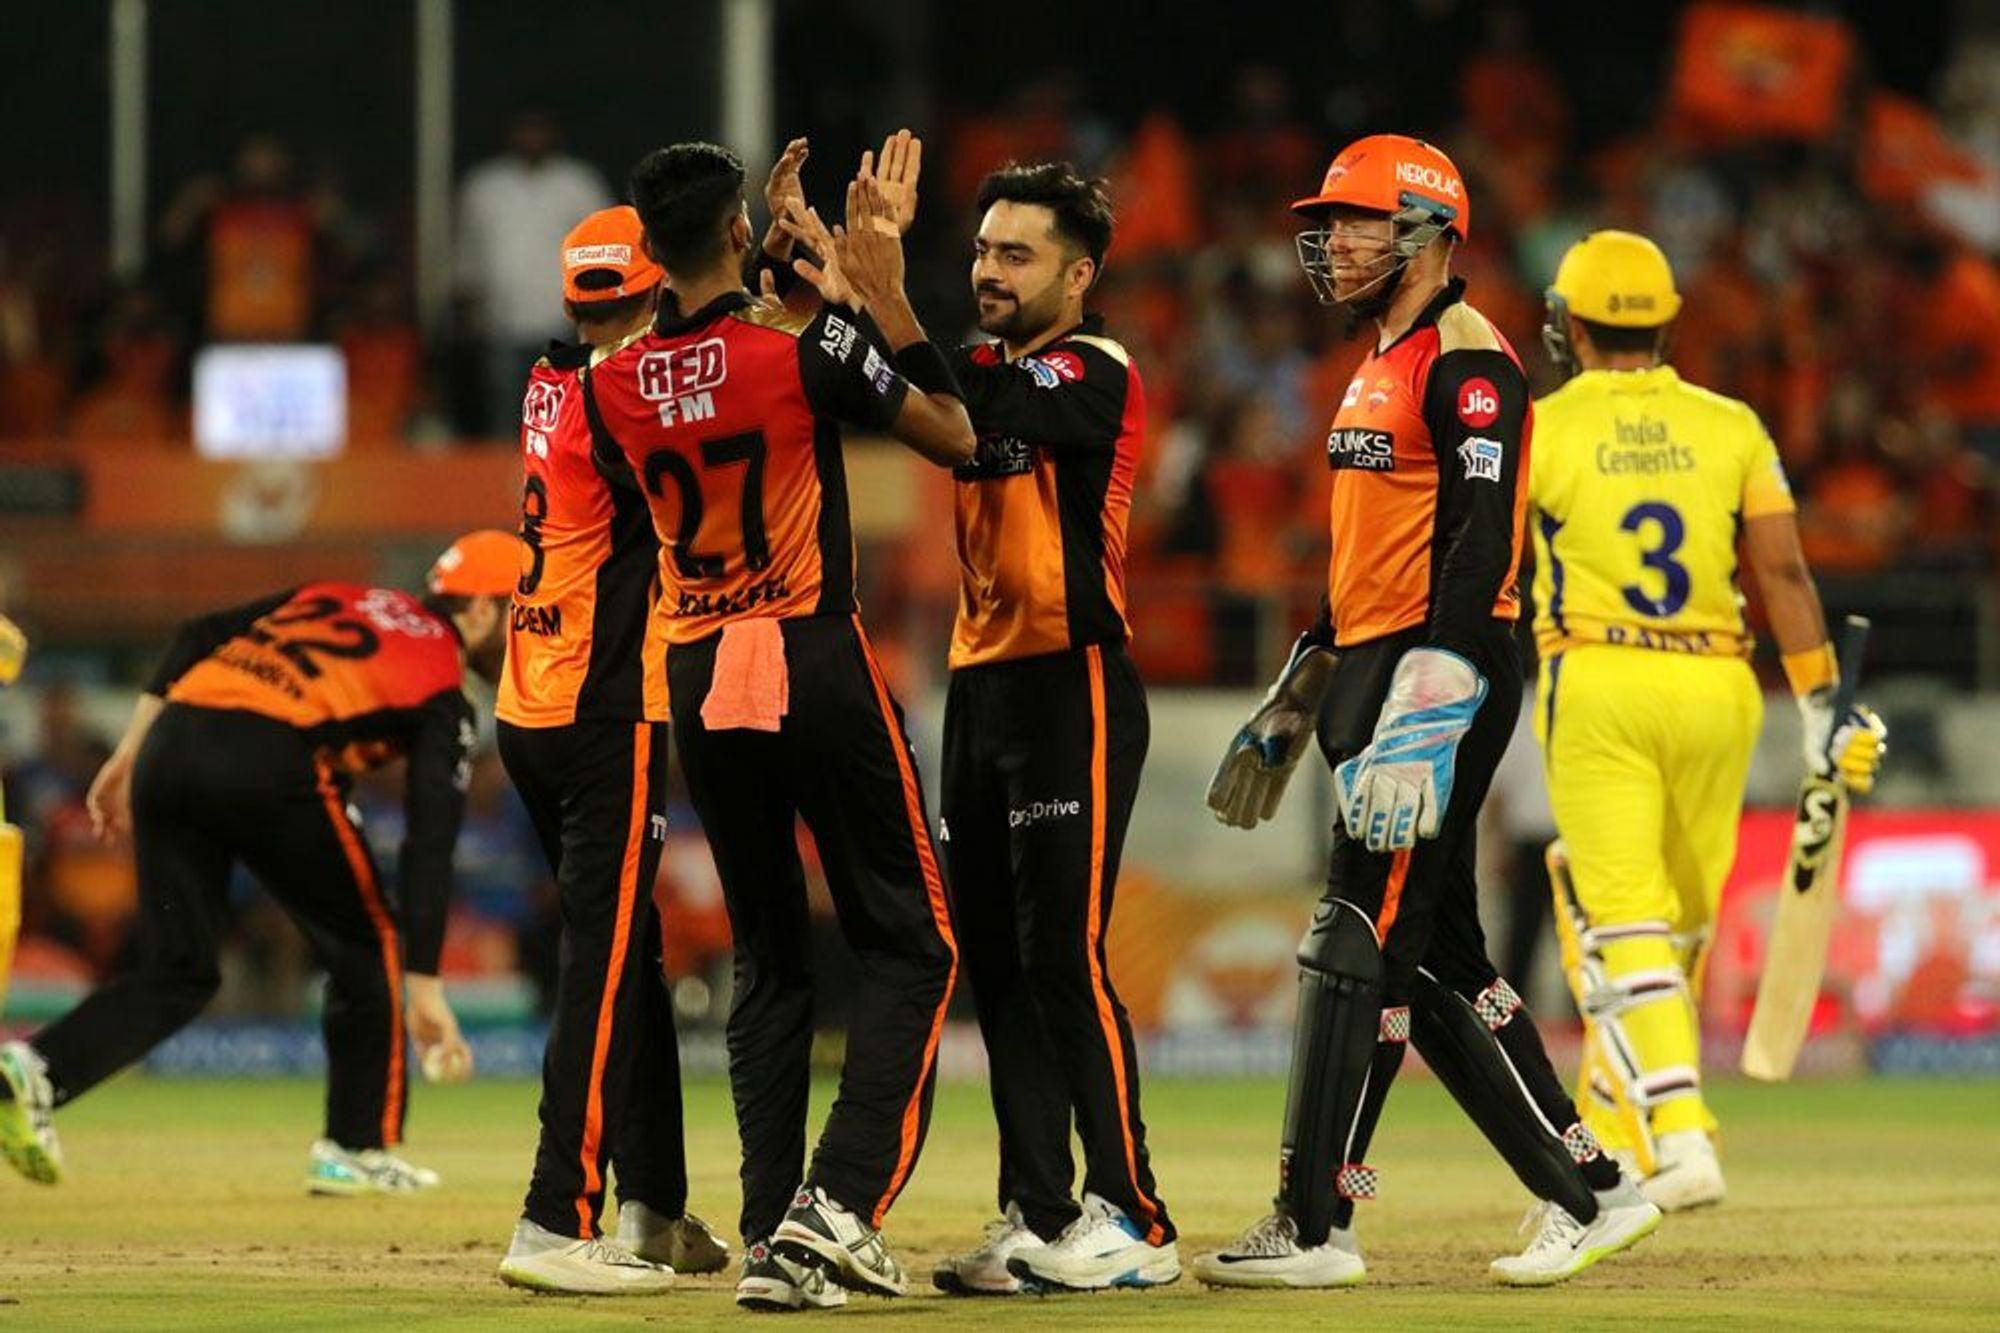 इन तीन बड़ी गलती के कारण चेन्नई सुपर किंग्स के खिलाफ हारी सनराइजर्स हैदराबाद 18